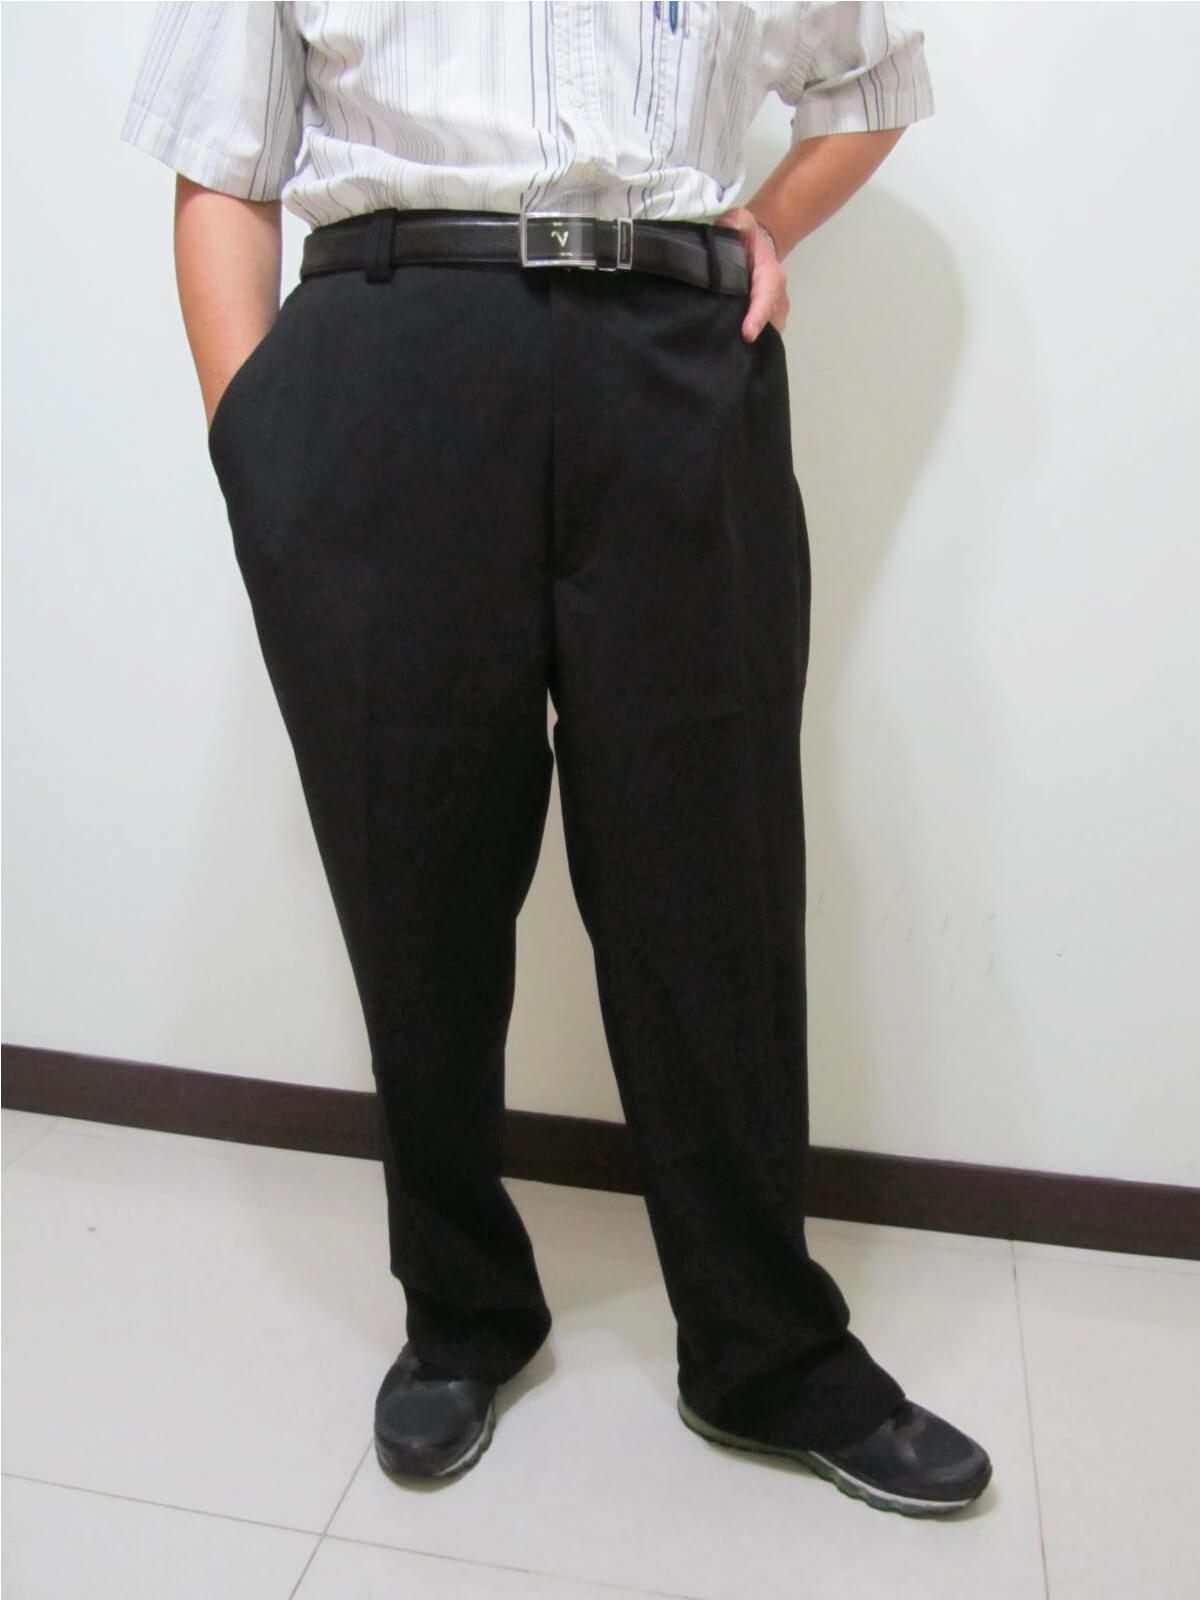 sun-e特加大尺碼西裝褲、加大尺碼平面西裝褲、加大尺碼西褲、正式場合西裝褲、標準西裝褲、上班西裝褲、商務西裝褲、黑色西裝褲、深藍西裝褲、腰圍有皮帶環(褲耳)、褲檔有拉鍊(321-7006-01)深藍(321-7006-02)黑色 腰圍:42 44 46 48 50 52 54 56(英吋) 1